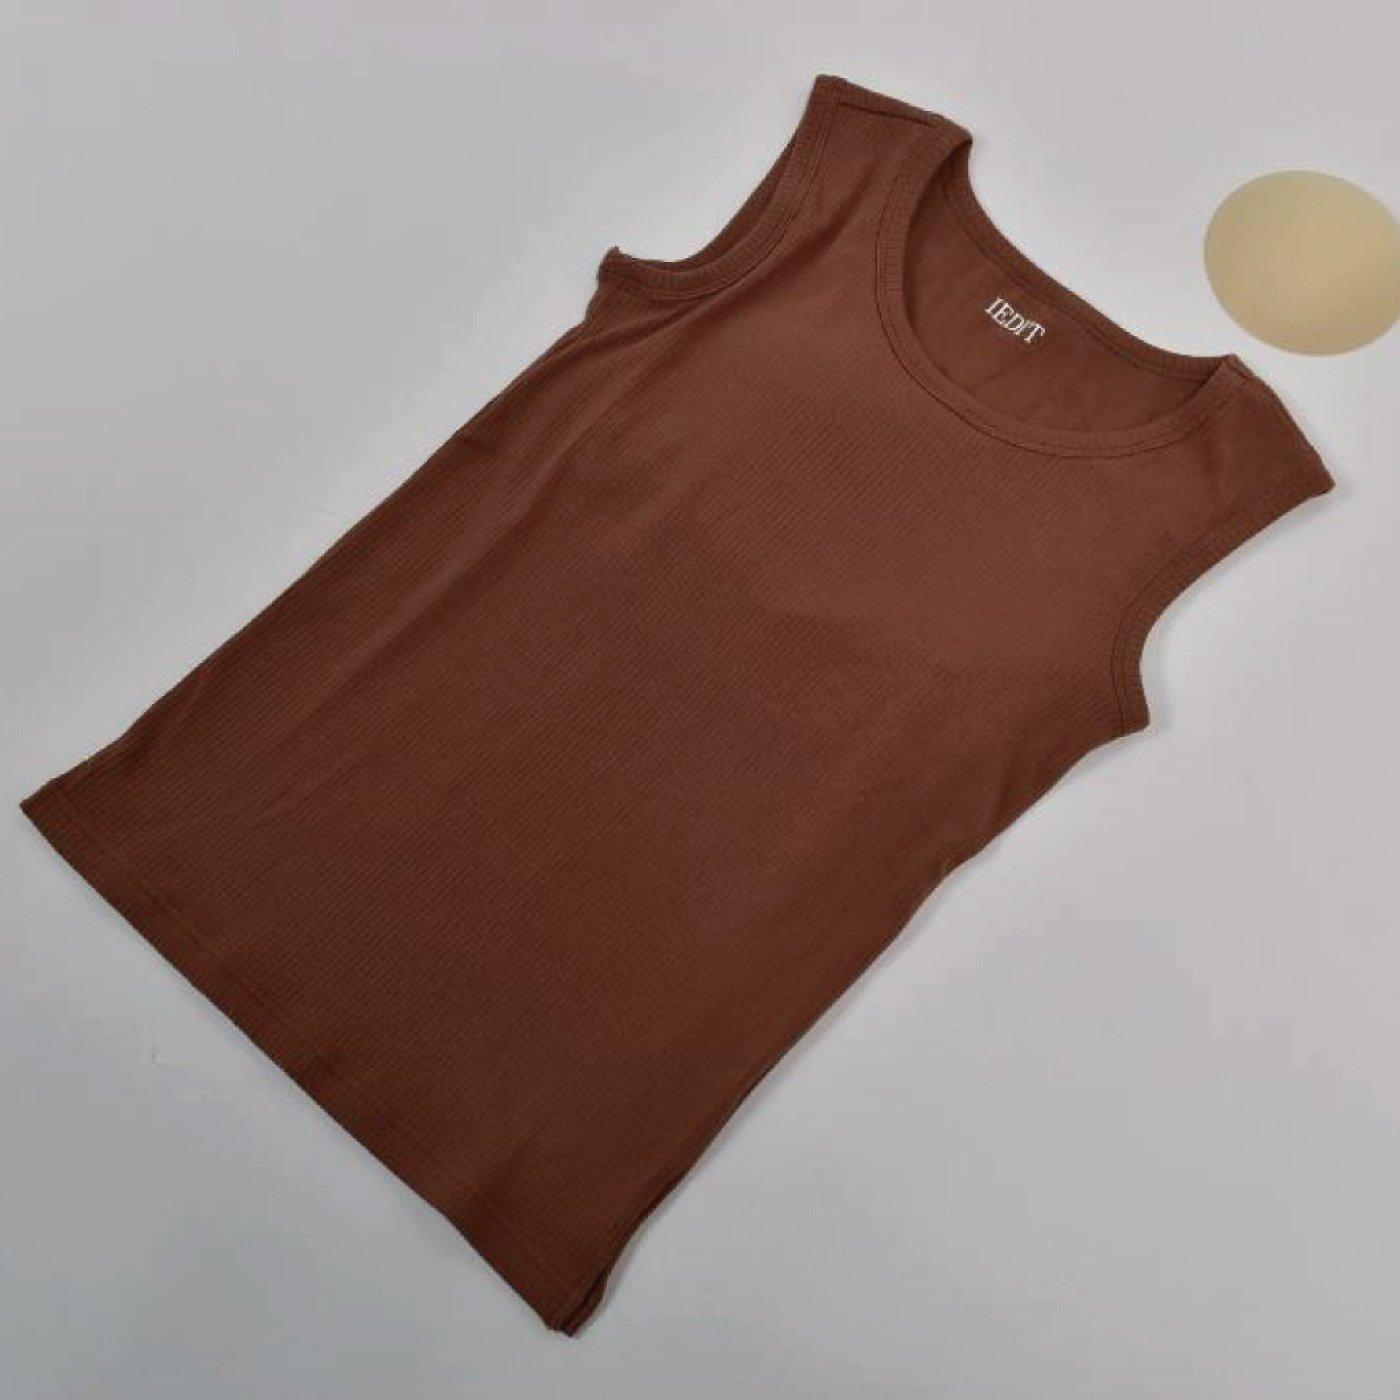 IEDIT[イディット] テレコ素材のカップ付きスリーブレストップス〈ブラウン〉